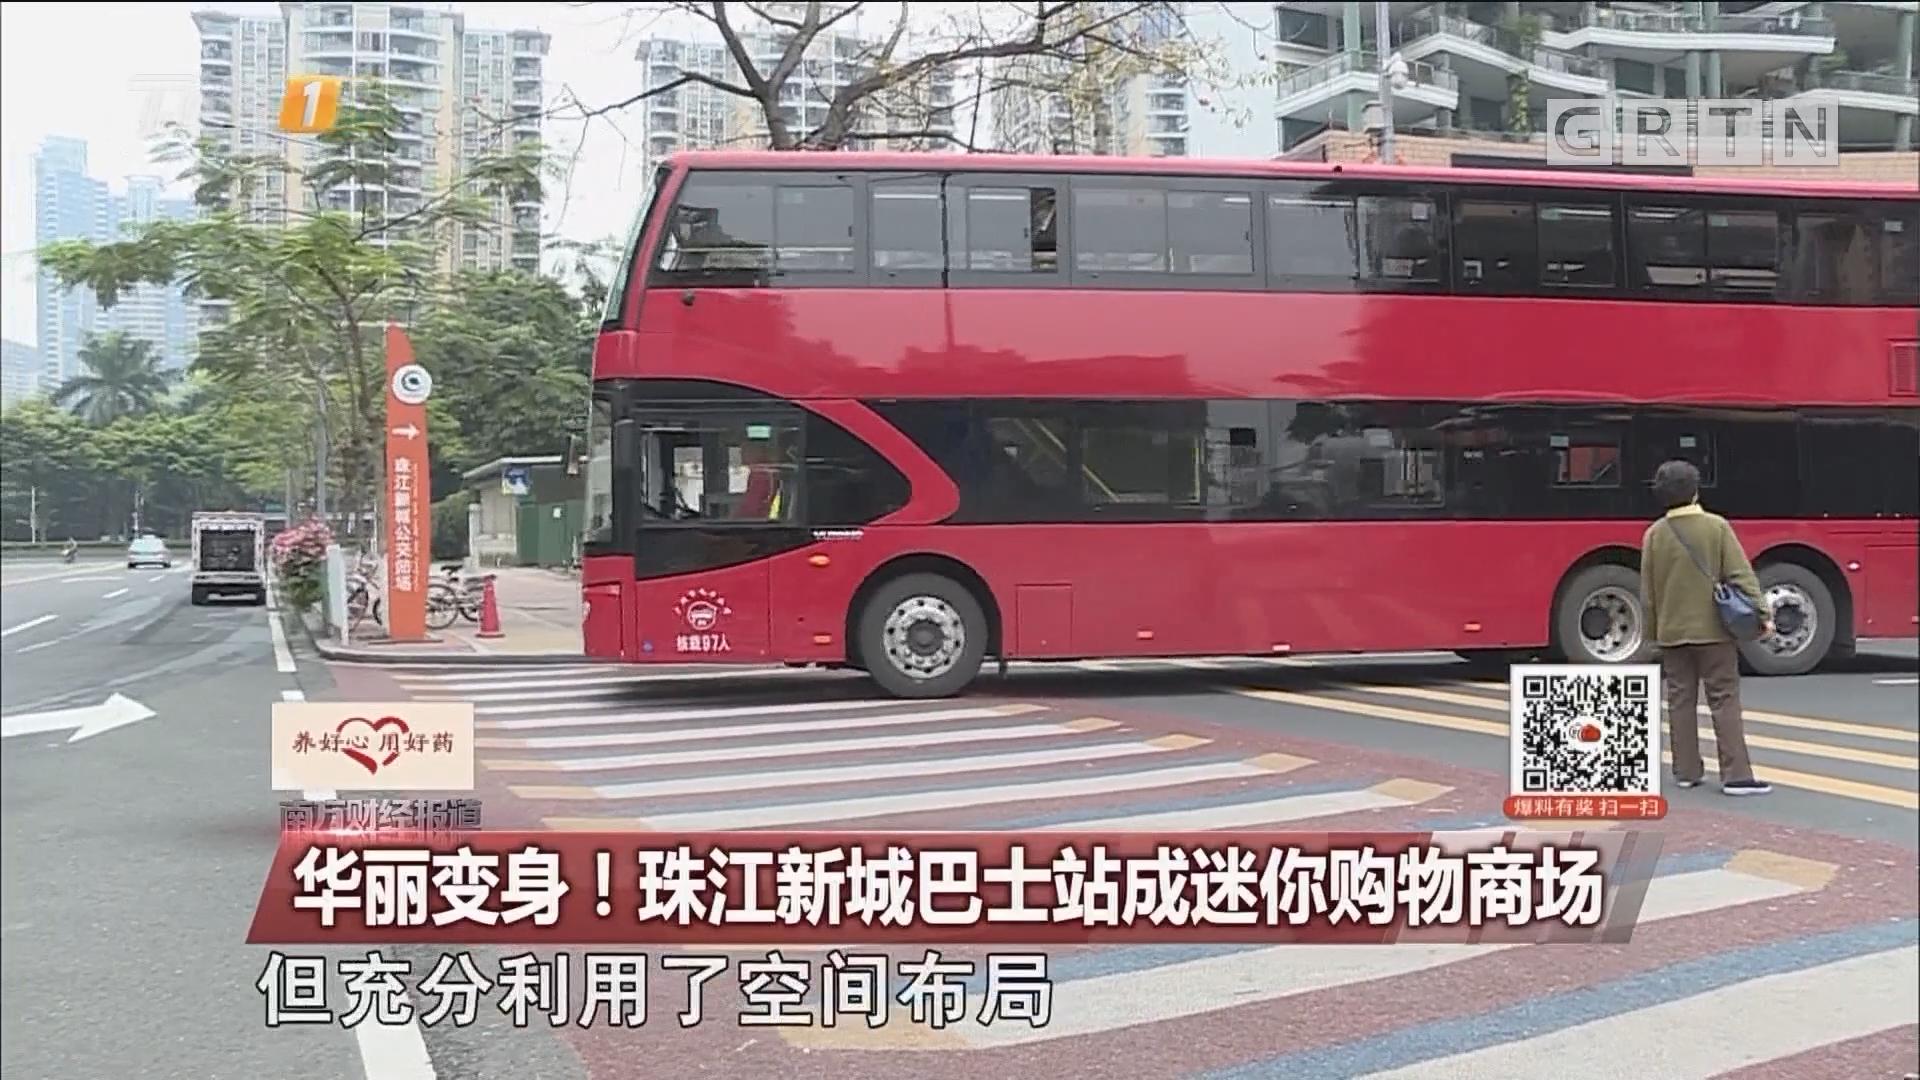 华丽变身!珠江新城巴士站成迷你购物商场